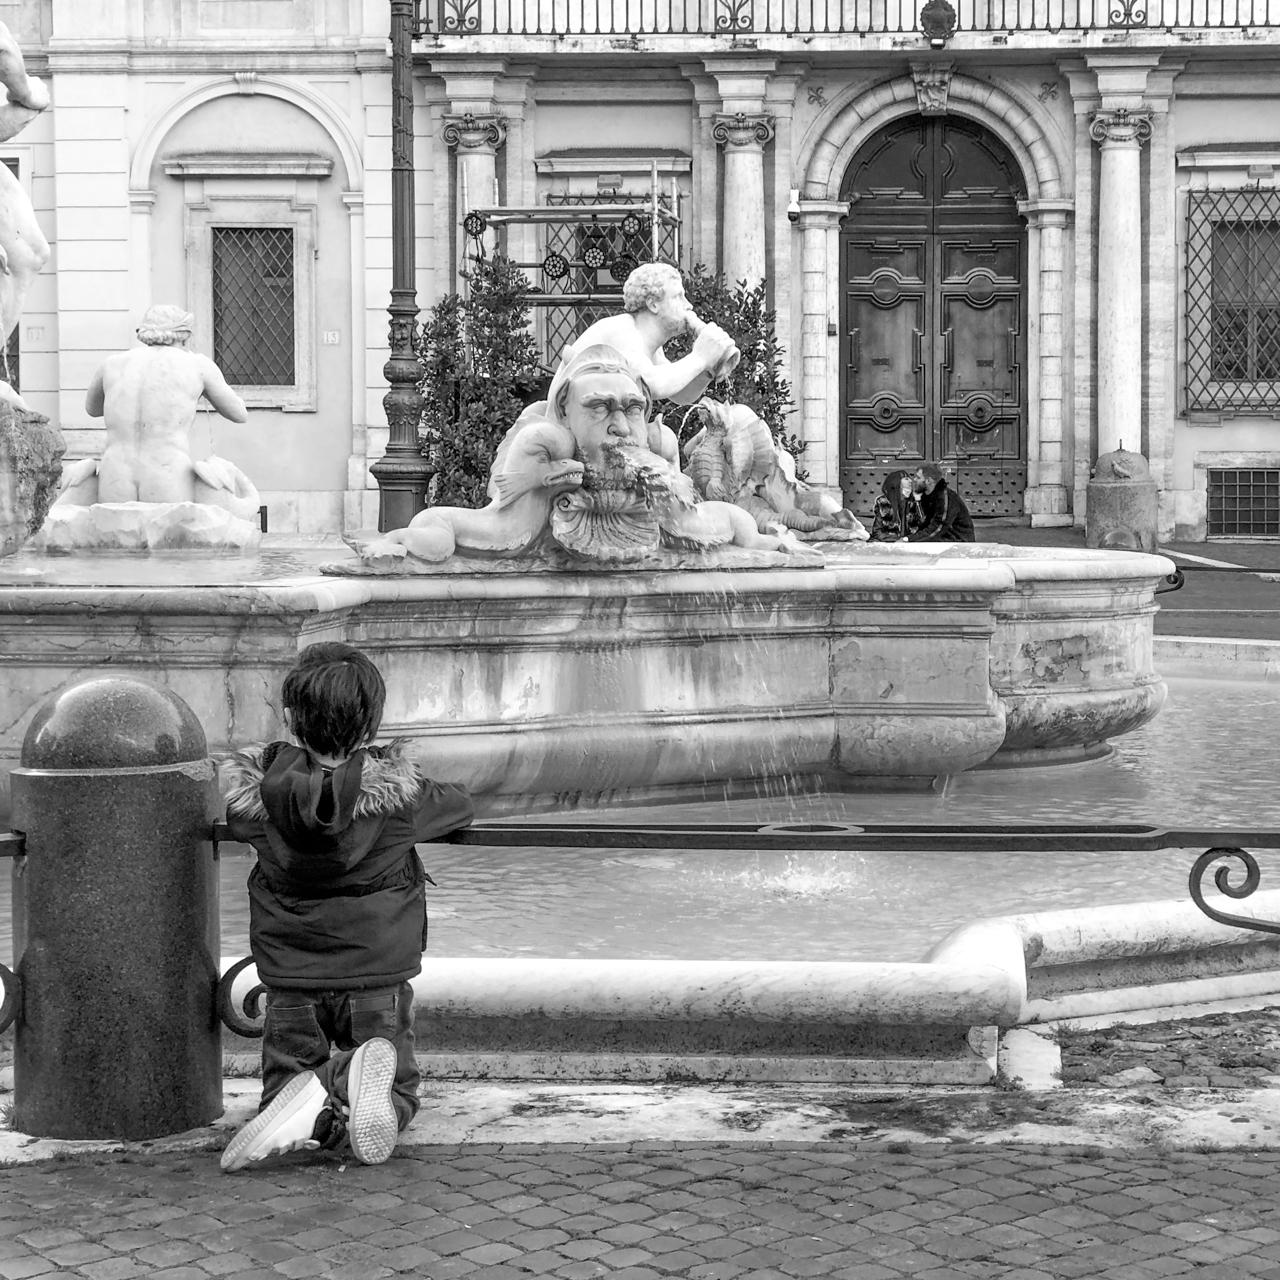 mainero rocca Italy street photographer